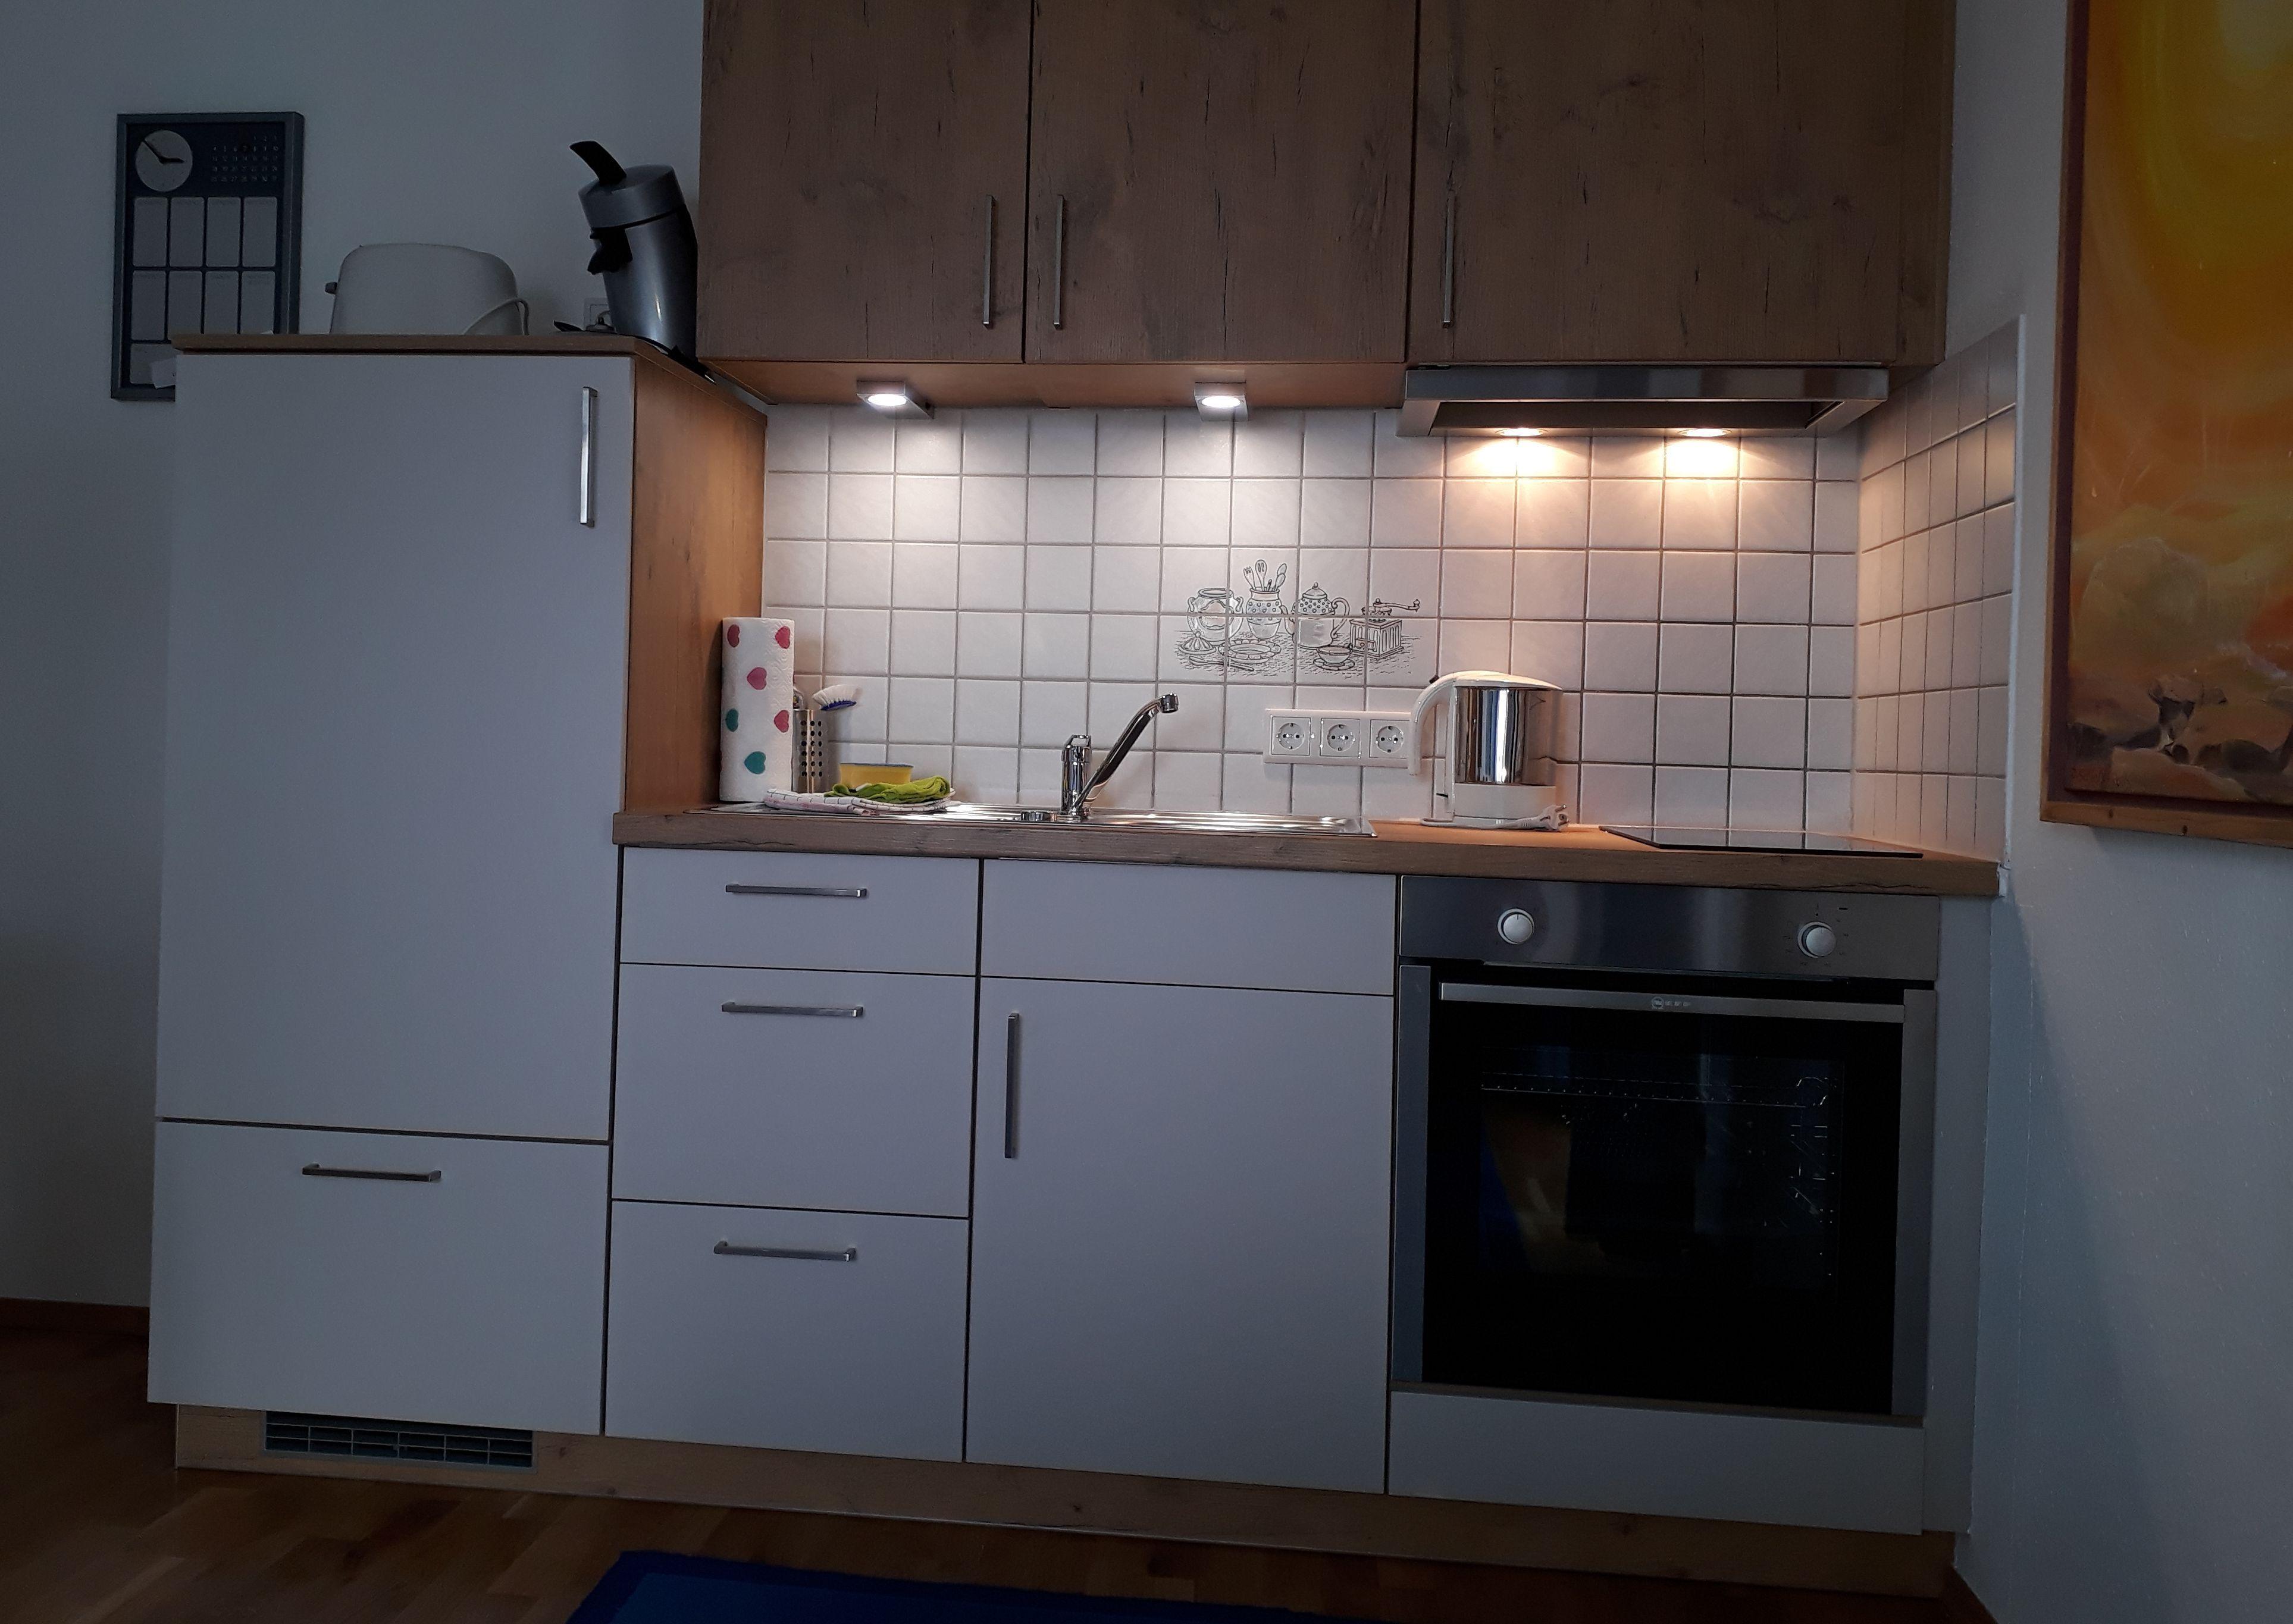 Ferienwohnung 2, Küche